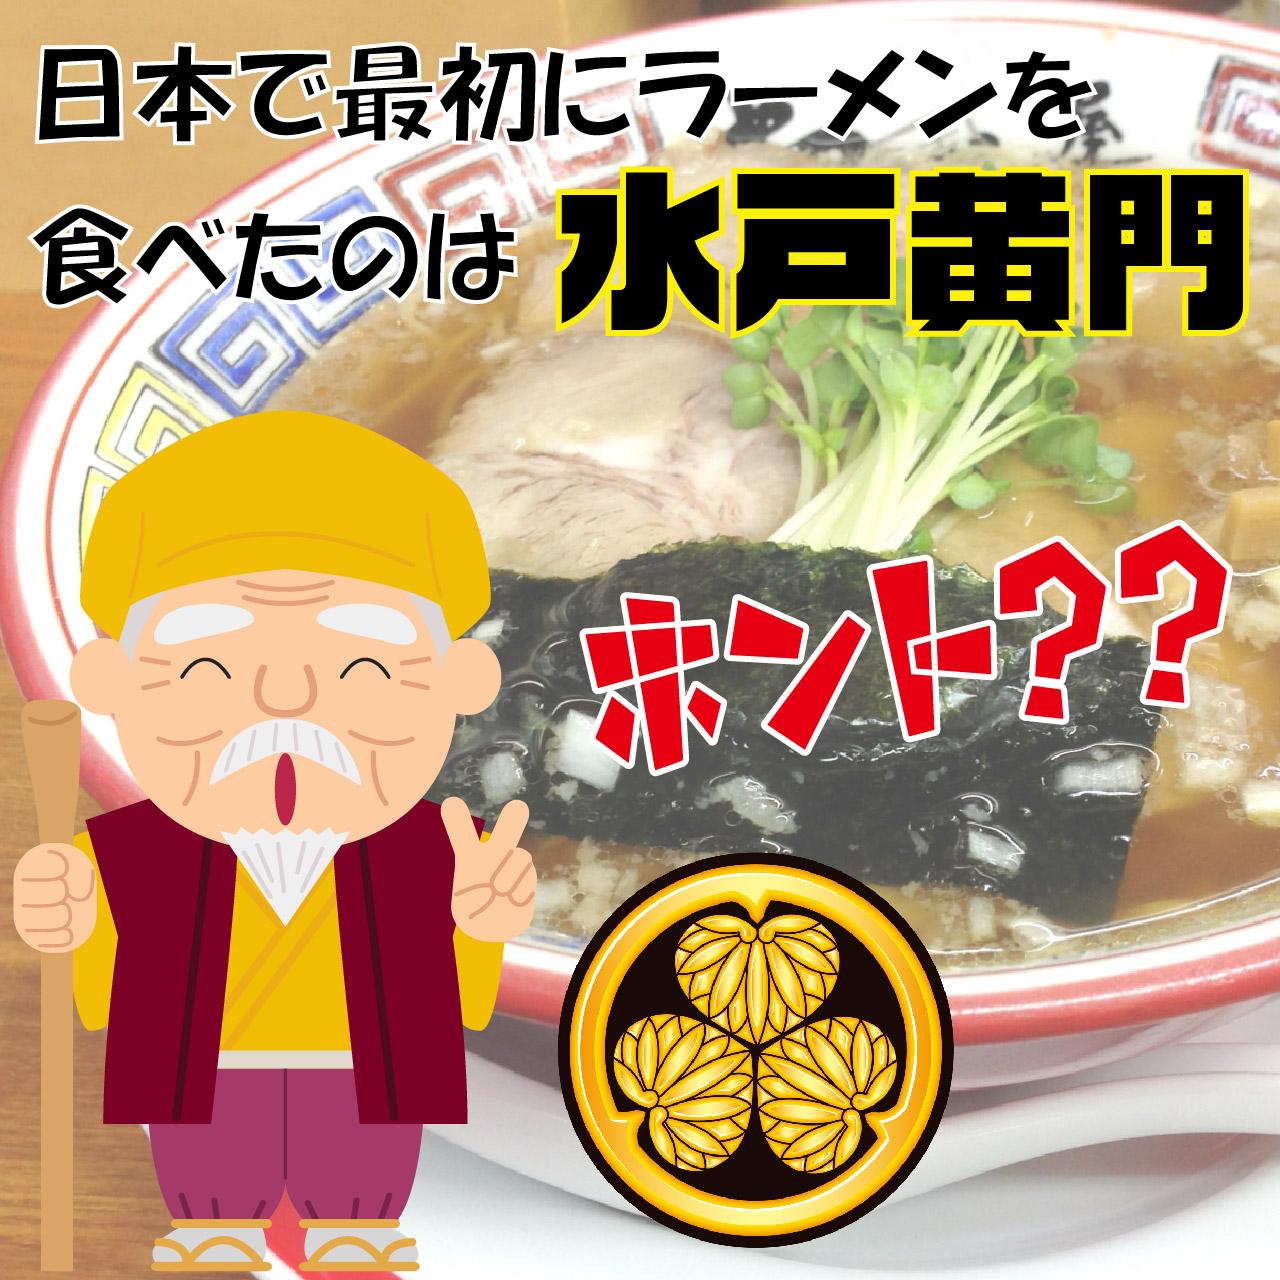 日本で最初にラーメンを食べたのは水戸黄門!?